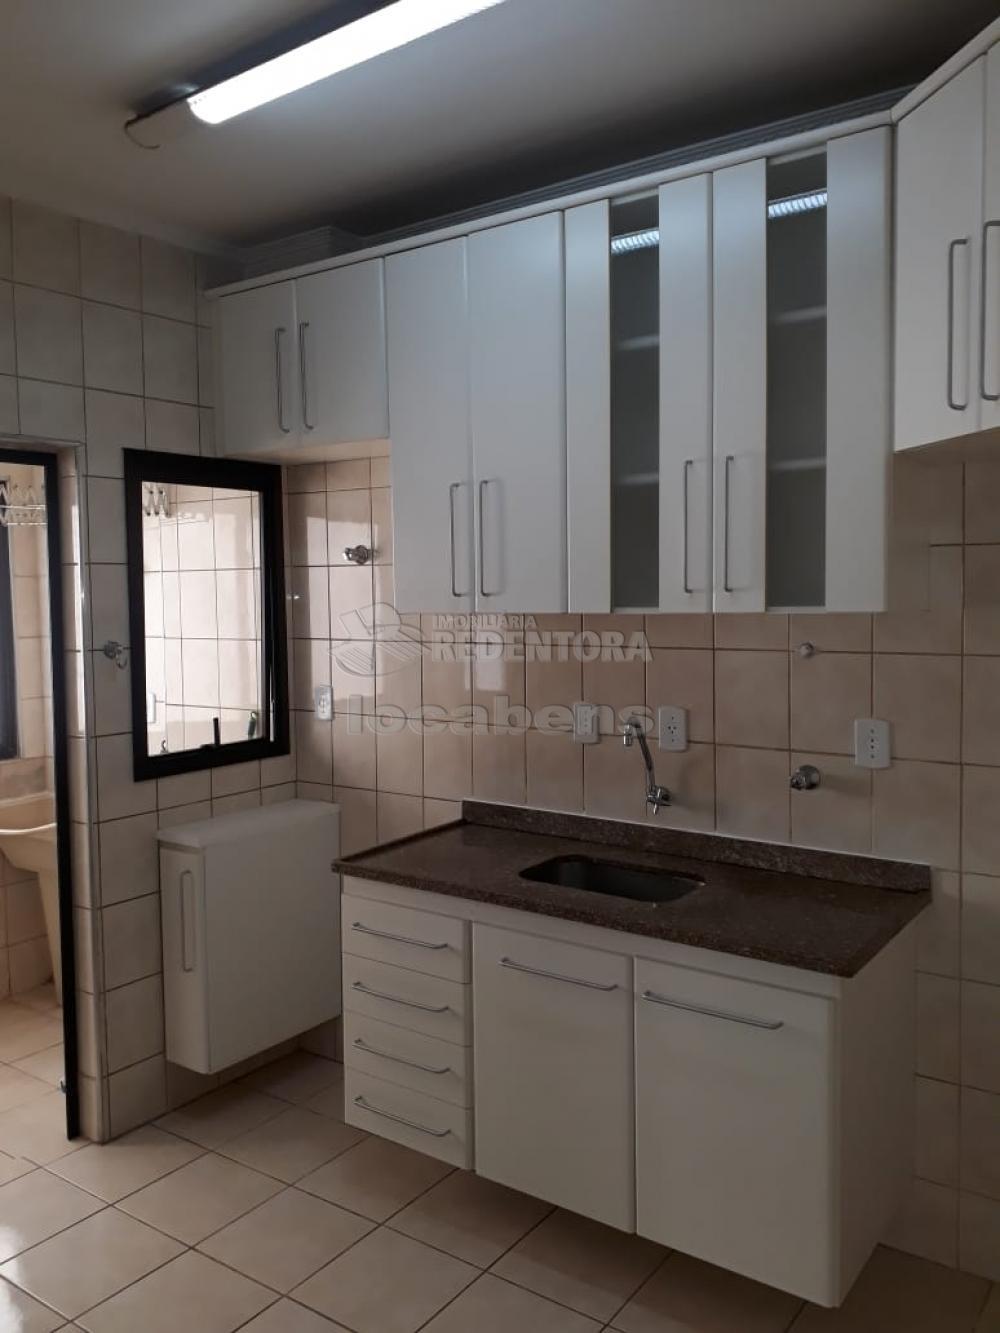 Comprar Apartamento / Padrão em São José do Rio Preto apenas R$ 230.000,00 - Foto 2